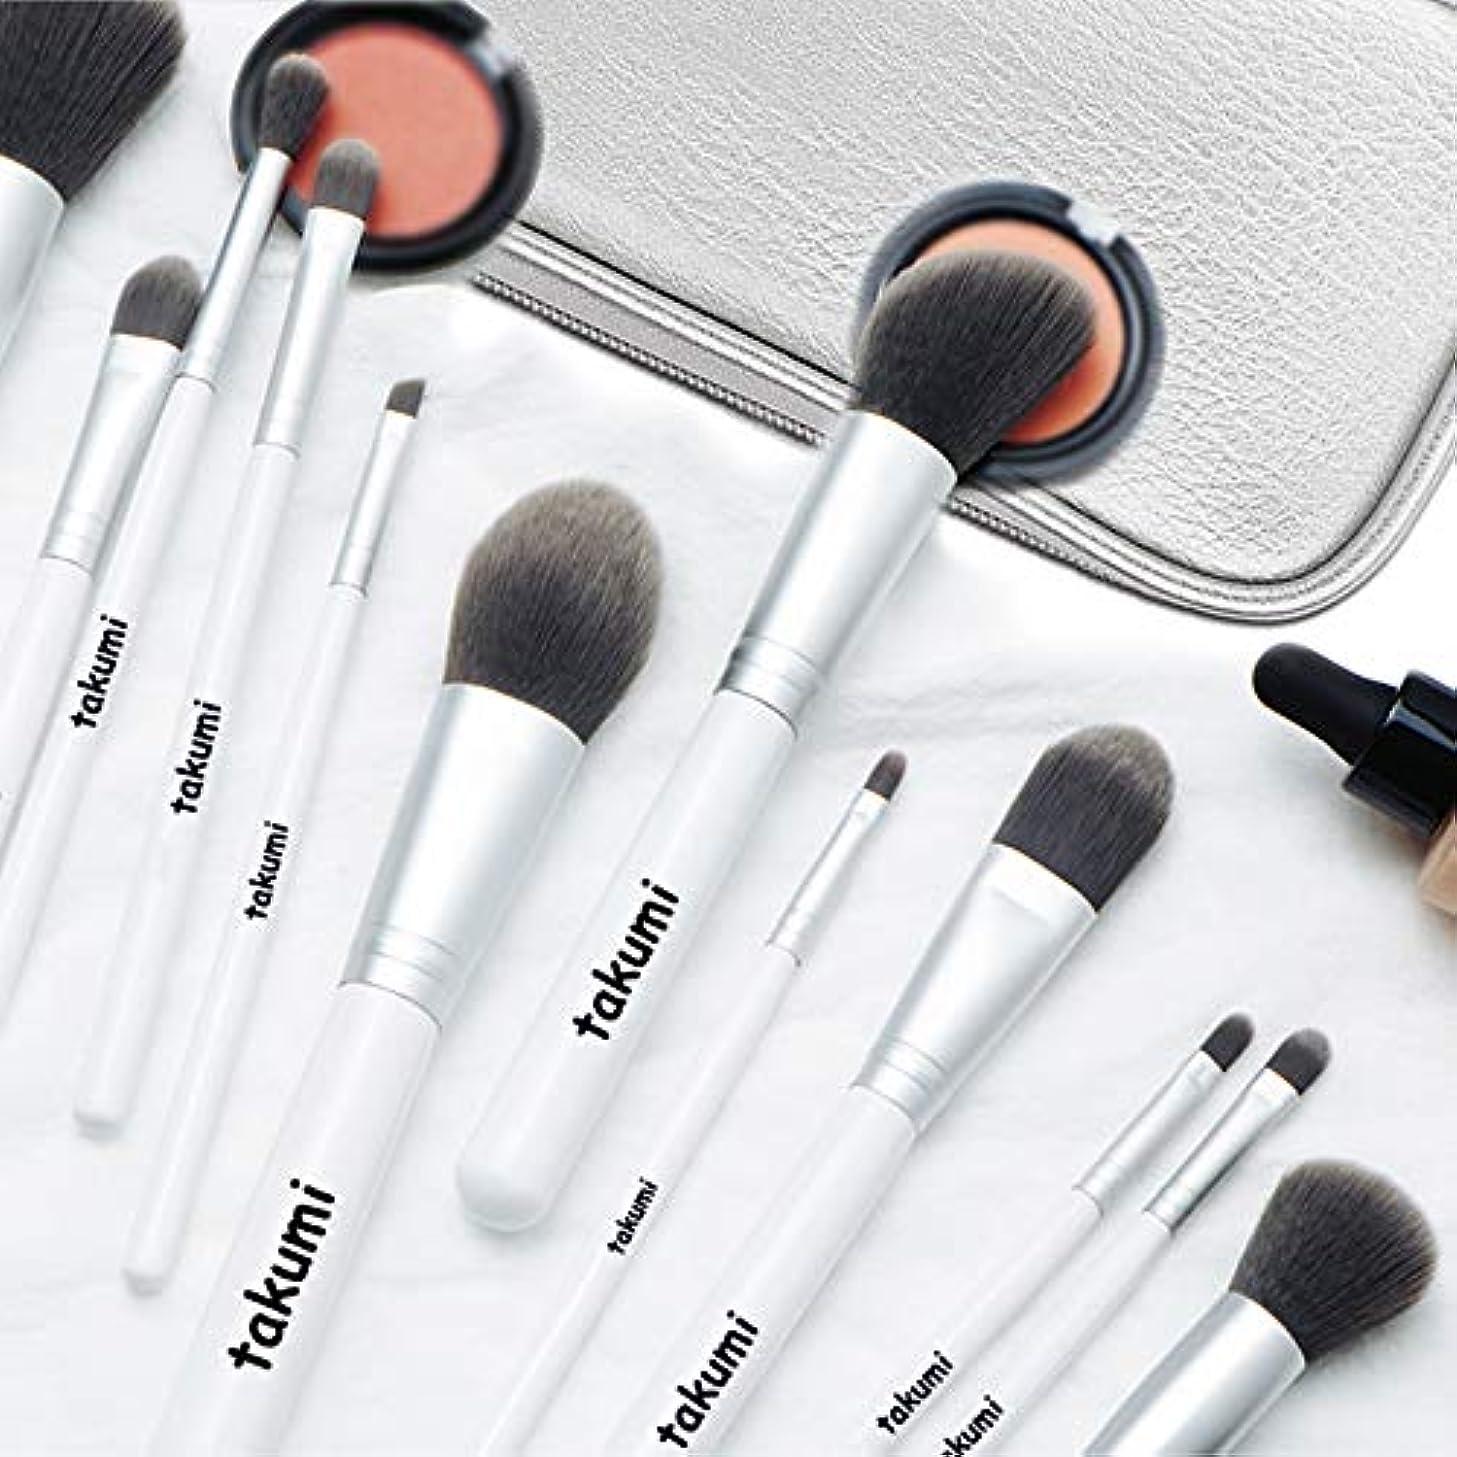 建築アルミニウムバタフライメイクブラシ12本セット 超柔らかい 化粧筆 ブラシ 専用化粧ポーチ付き 携帯便利